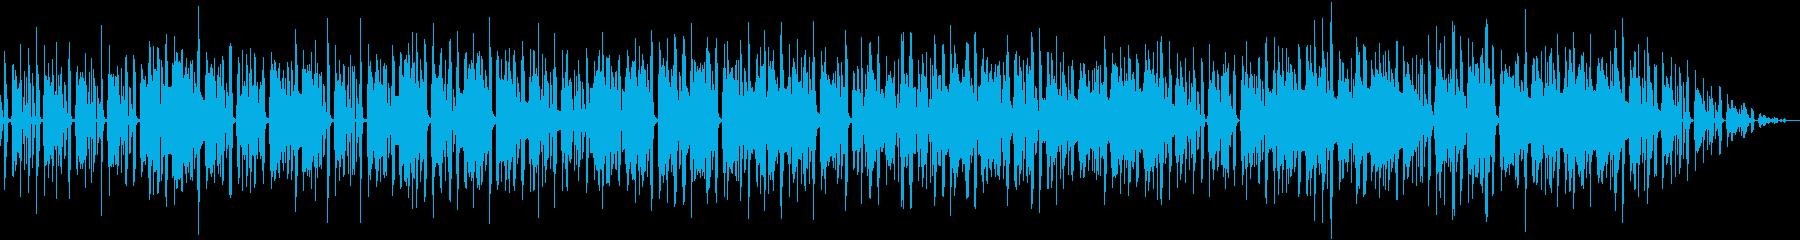 レトロでゆるくhappyなポップスの再生済みの波形